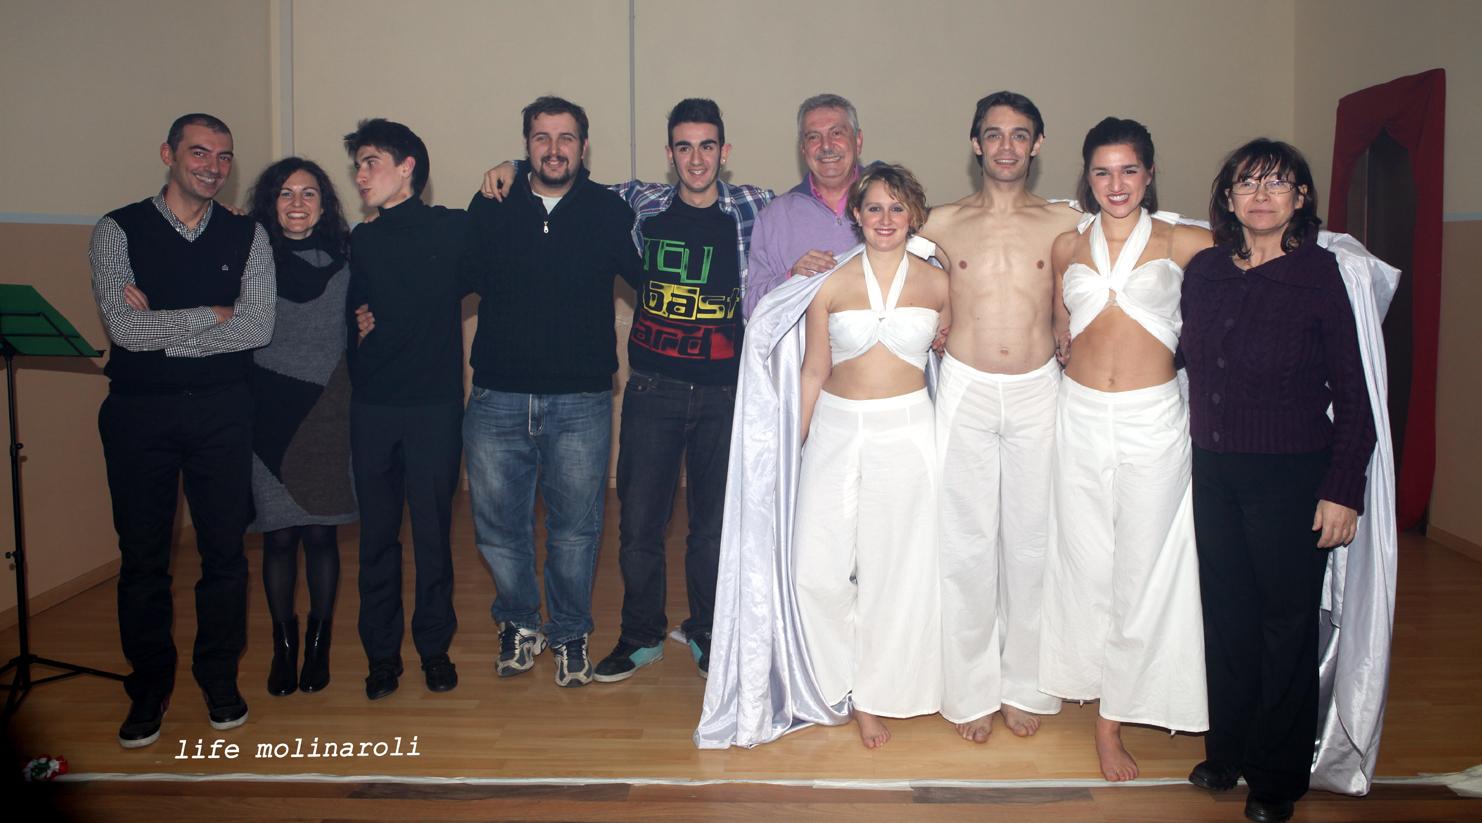 foto di gruppo al finale